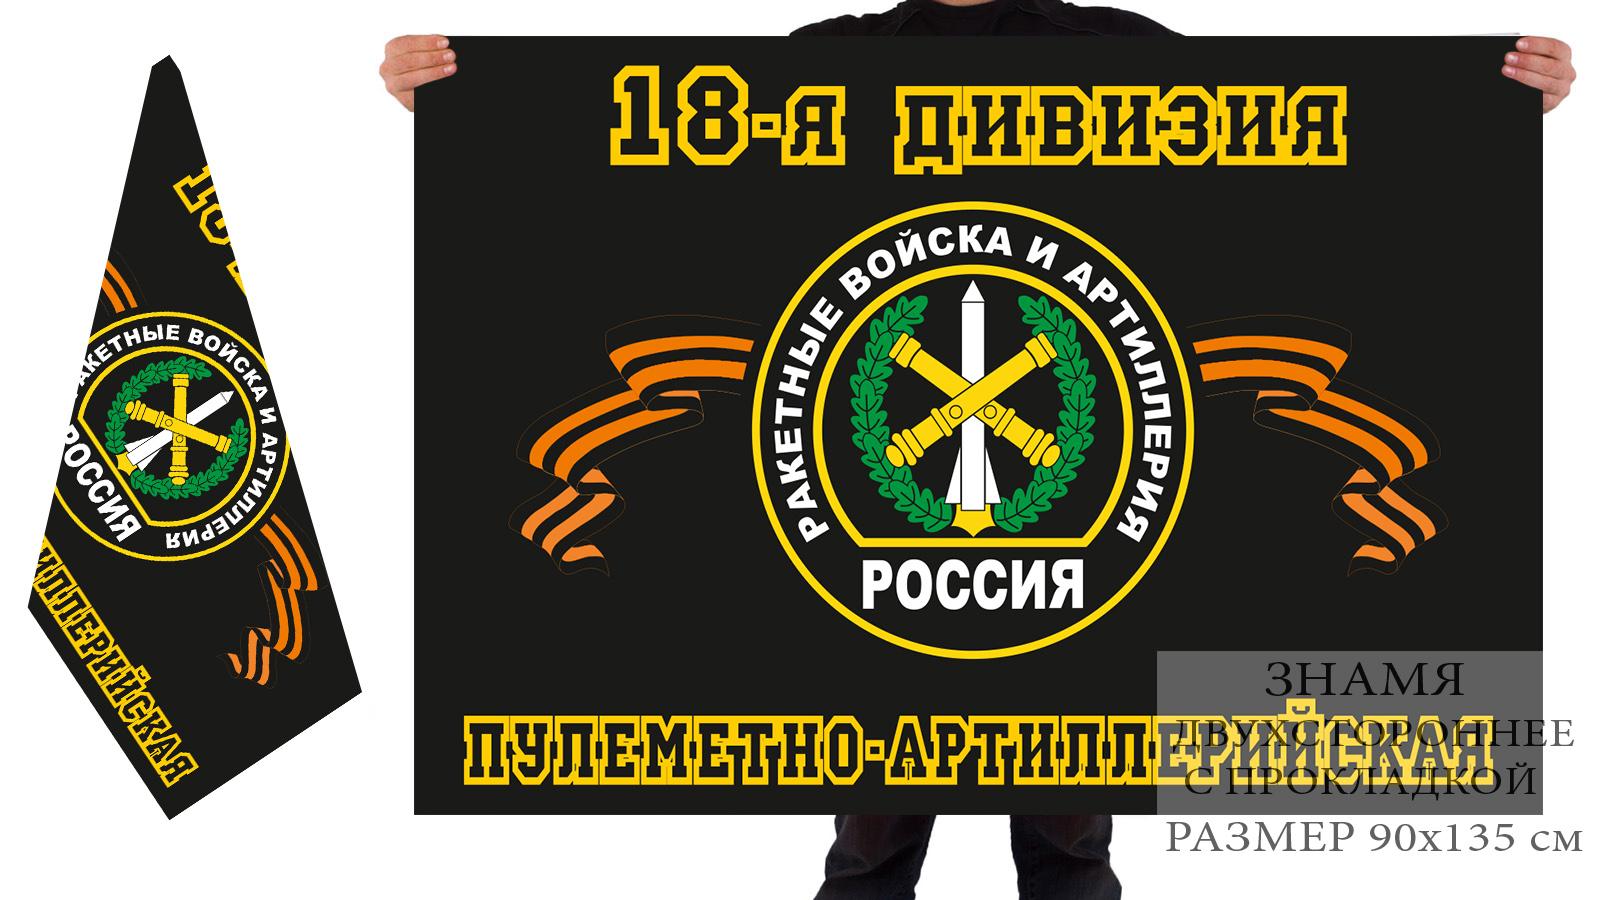 Двусторонний флаг РВиА 18-ой пулемётно-артиллерийской дивизии